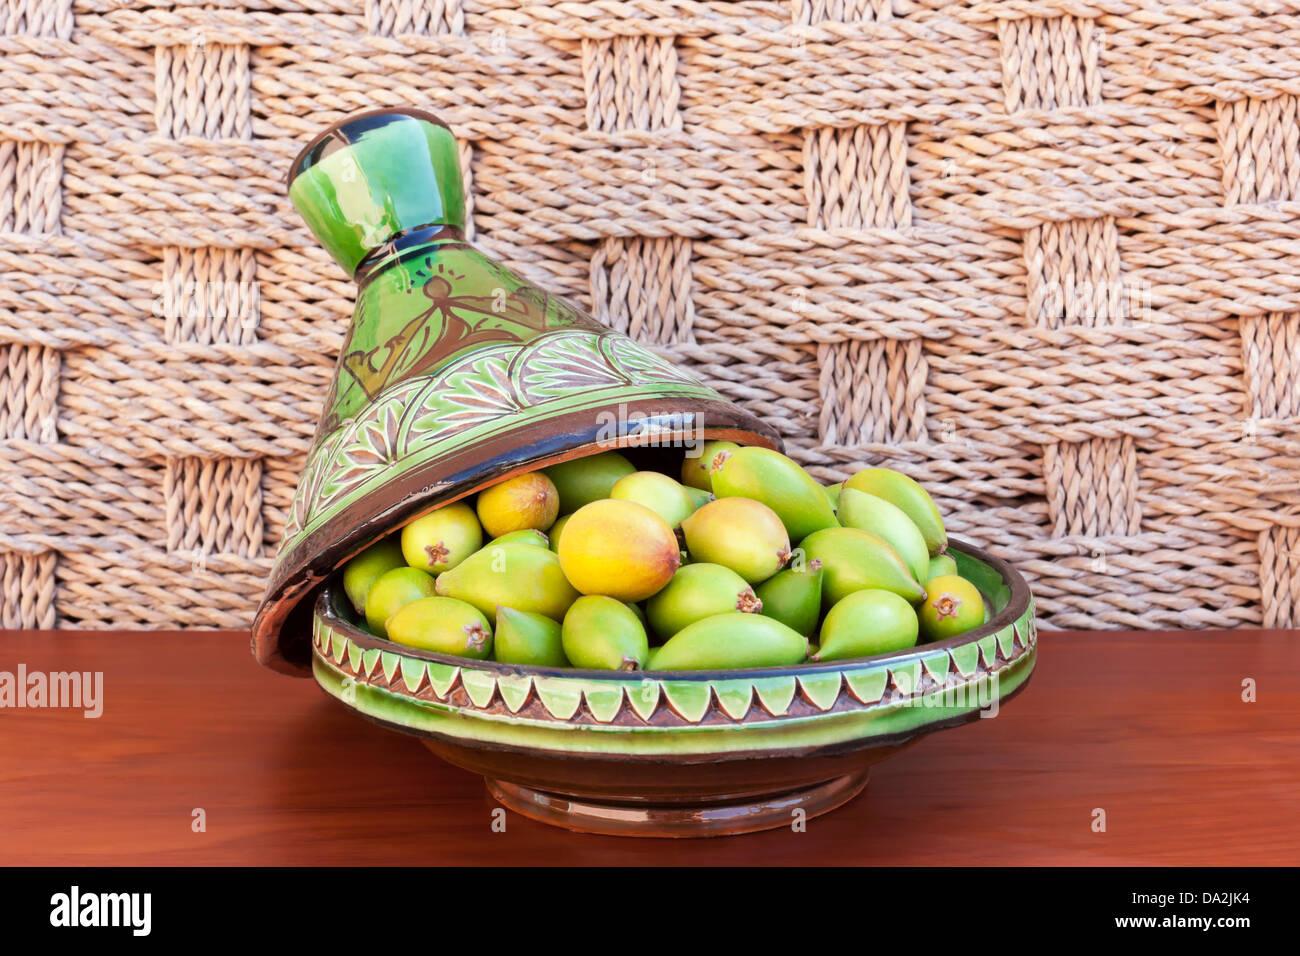 Les noix d'argan dans une plaque verte. Banque D'Images